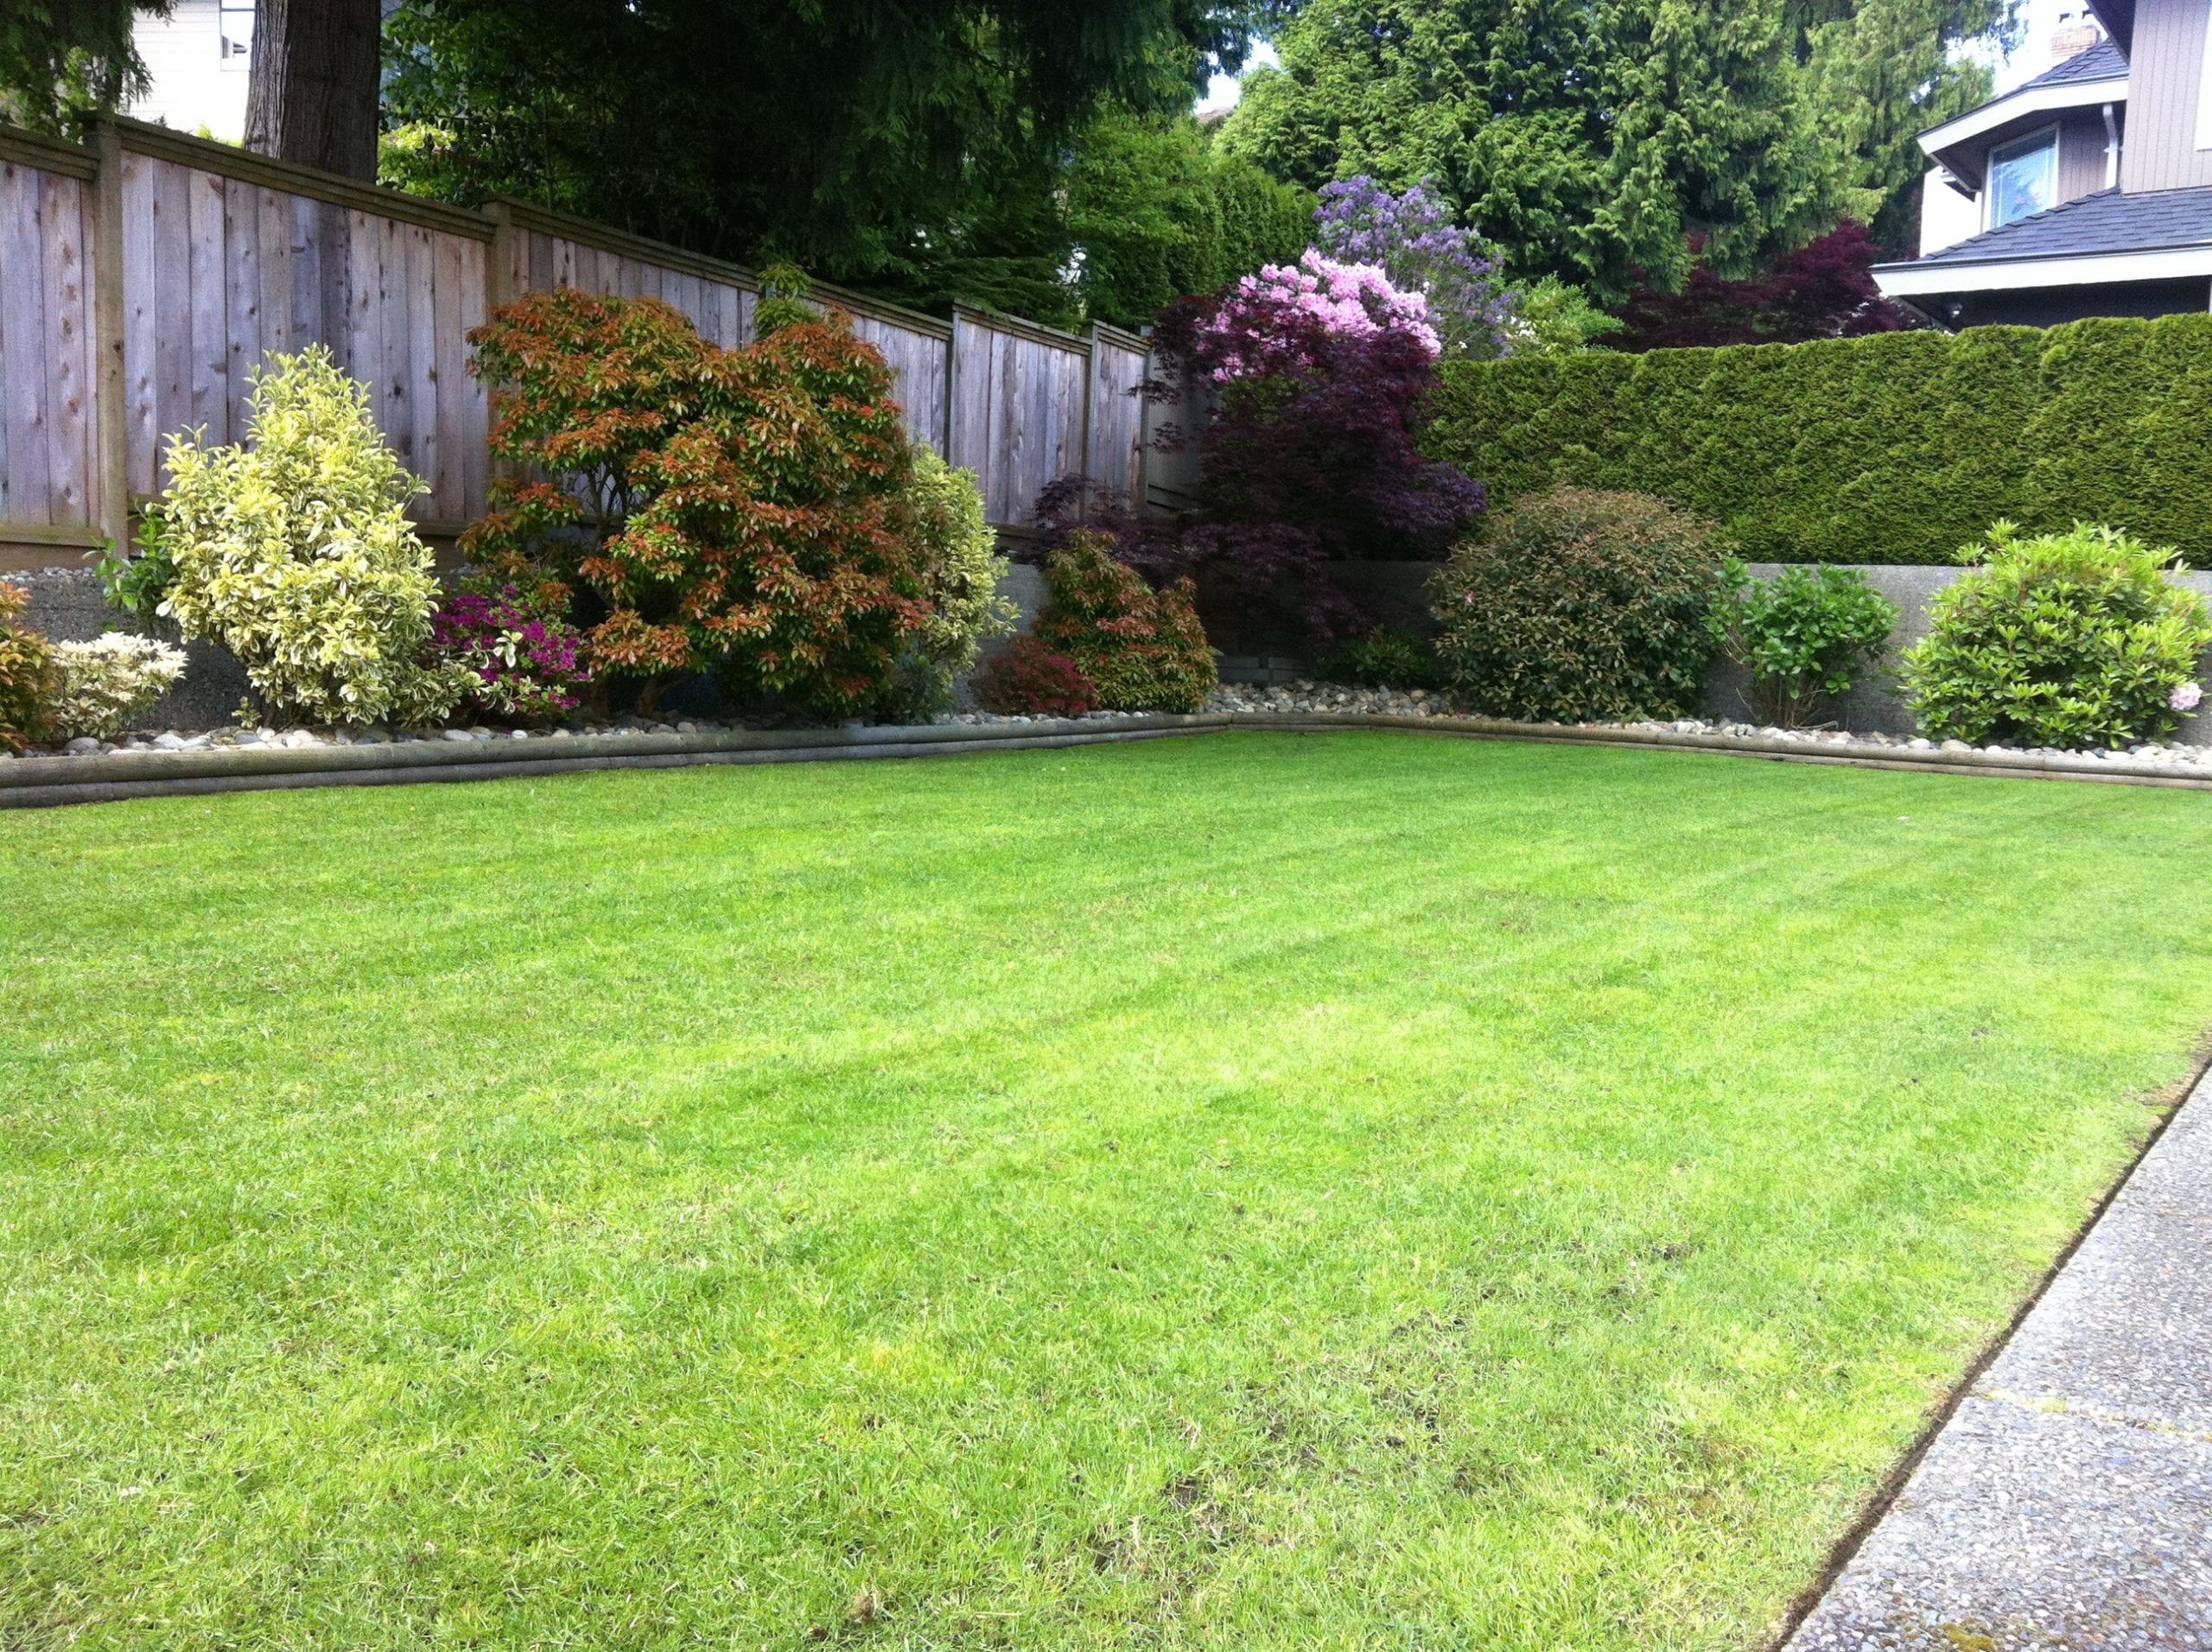 a thin lawn